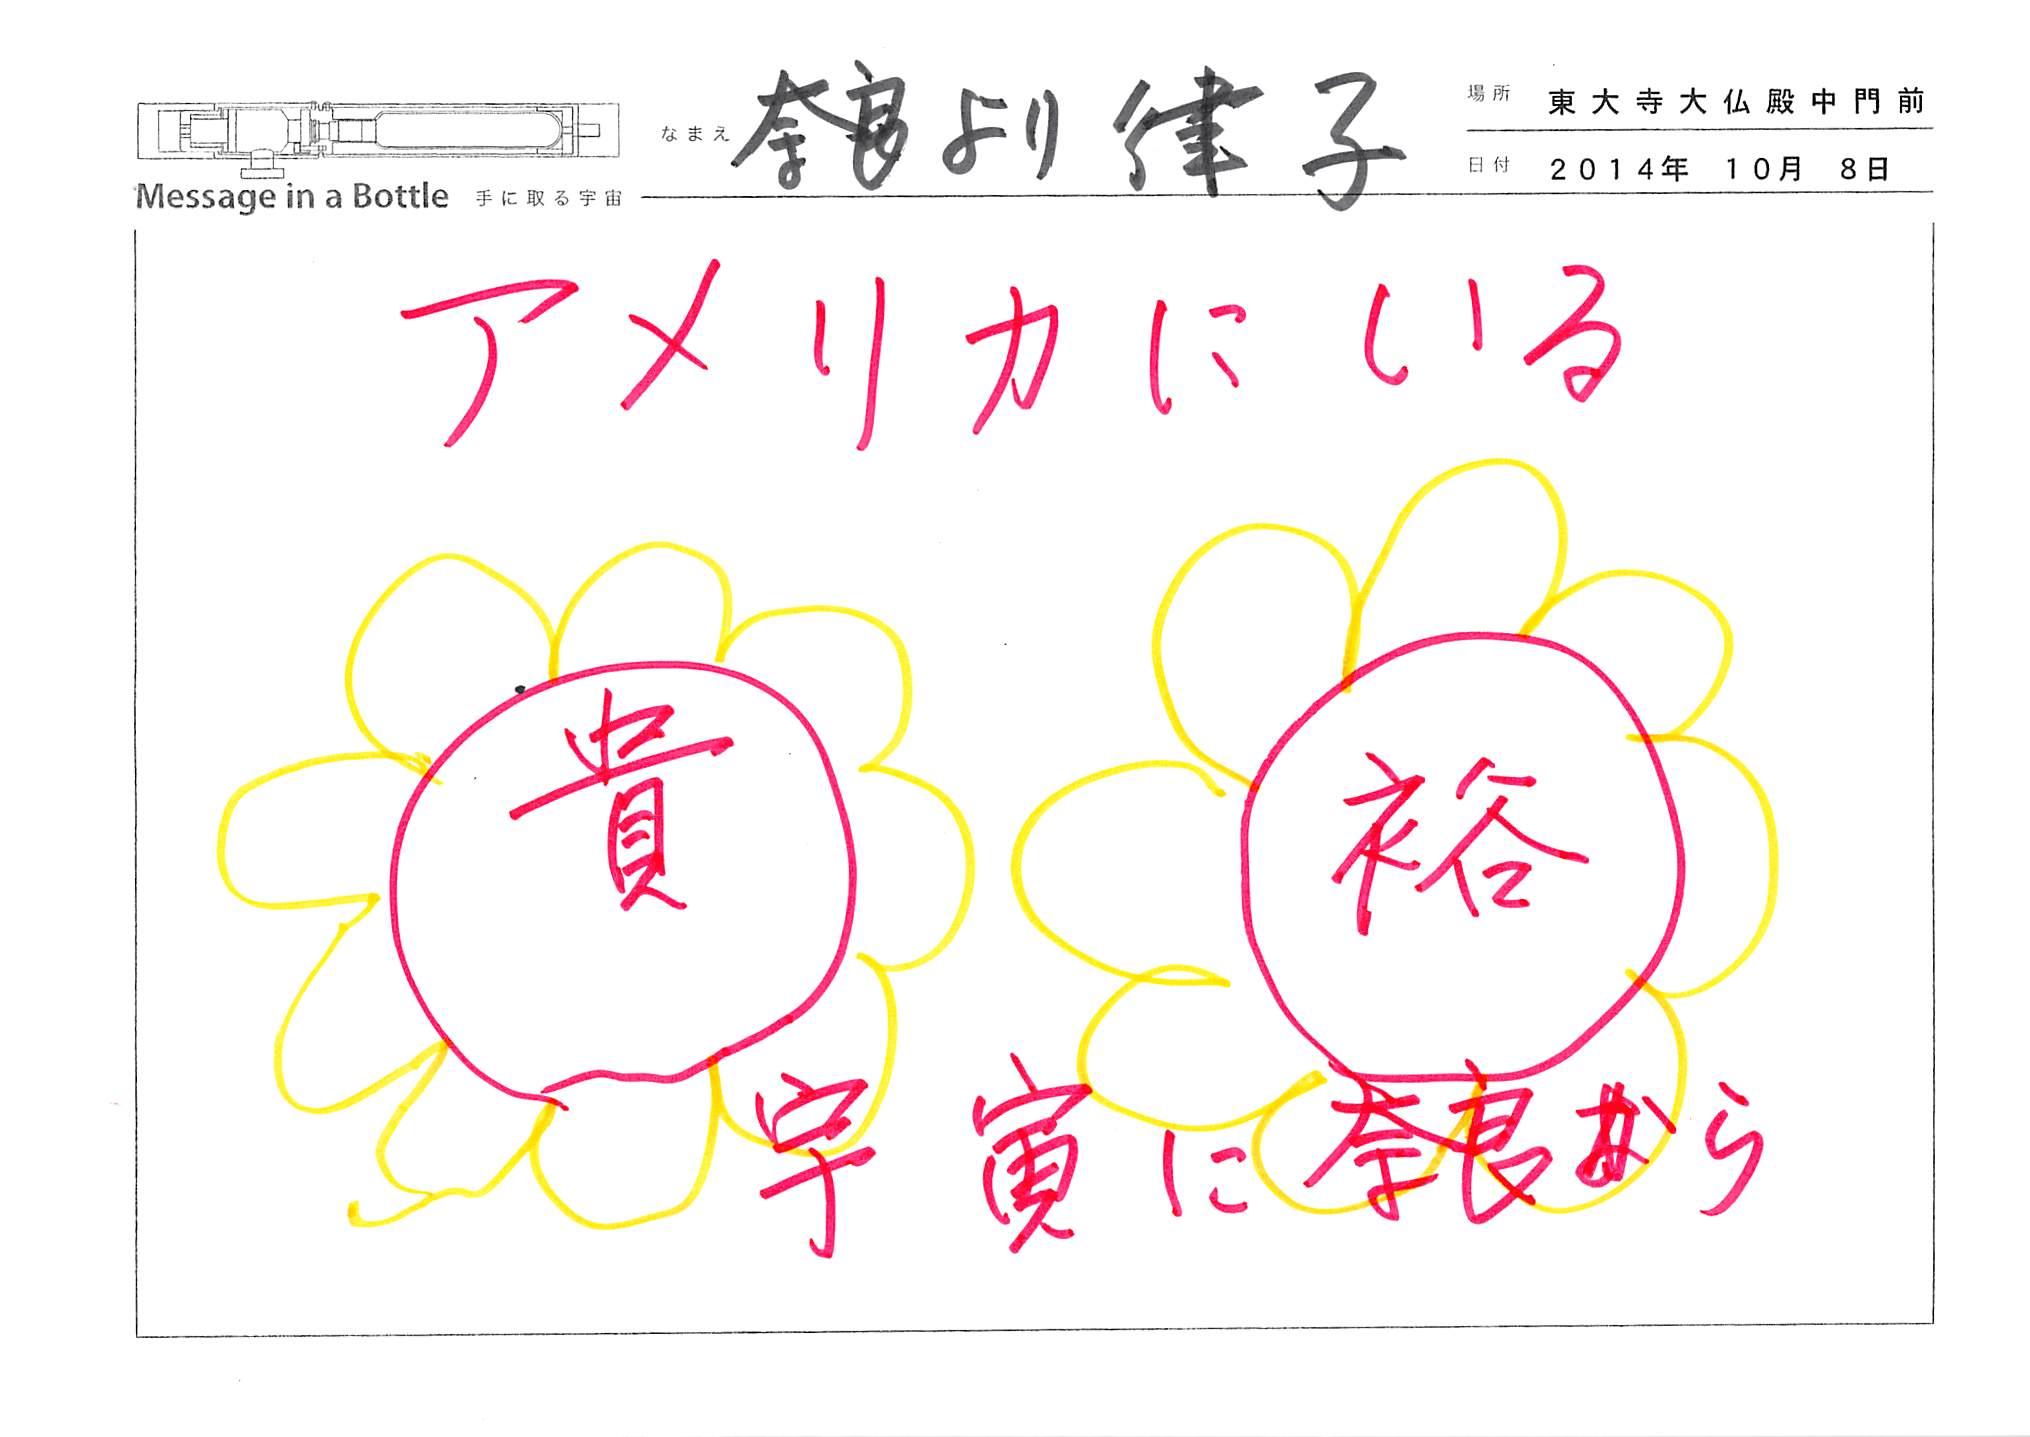 2014-10-08-19-22-03.jpg